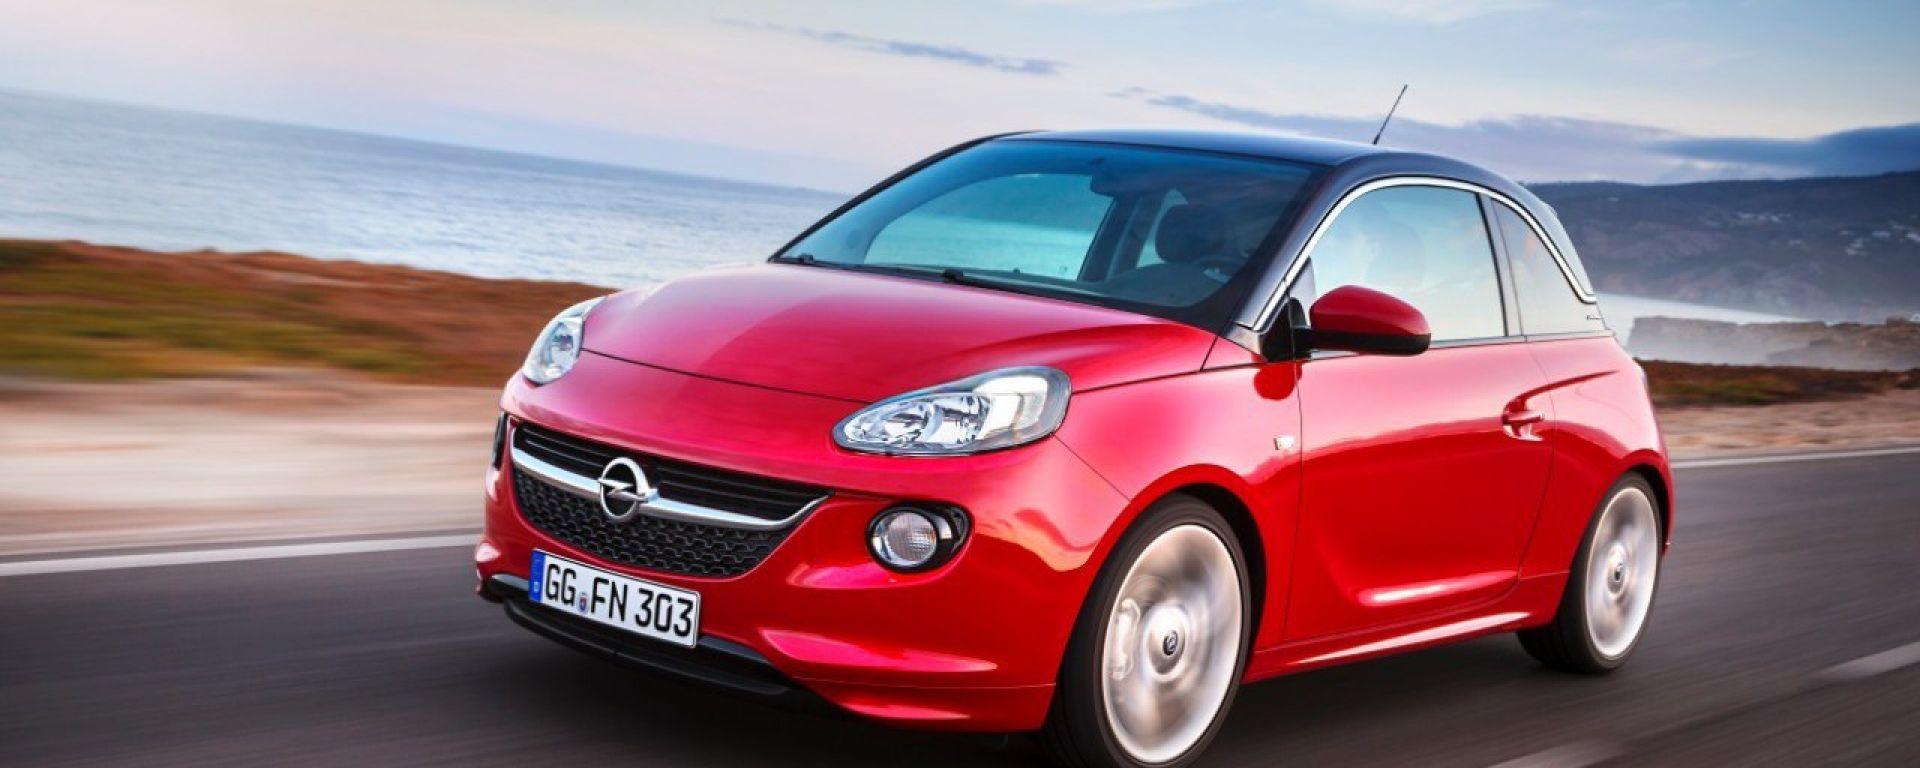 Opel Turbo 1.0 Ecotec